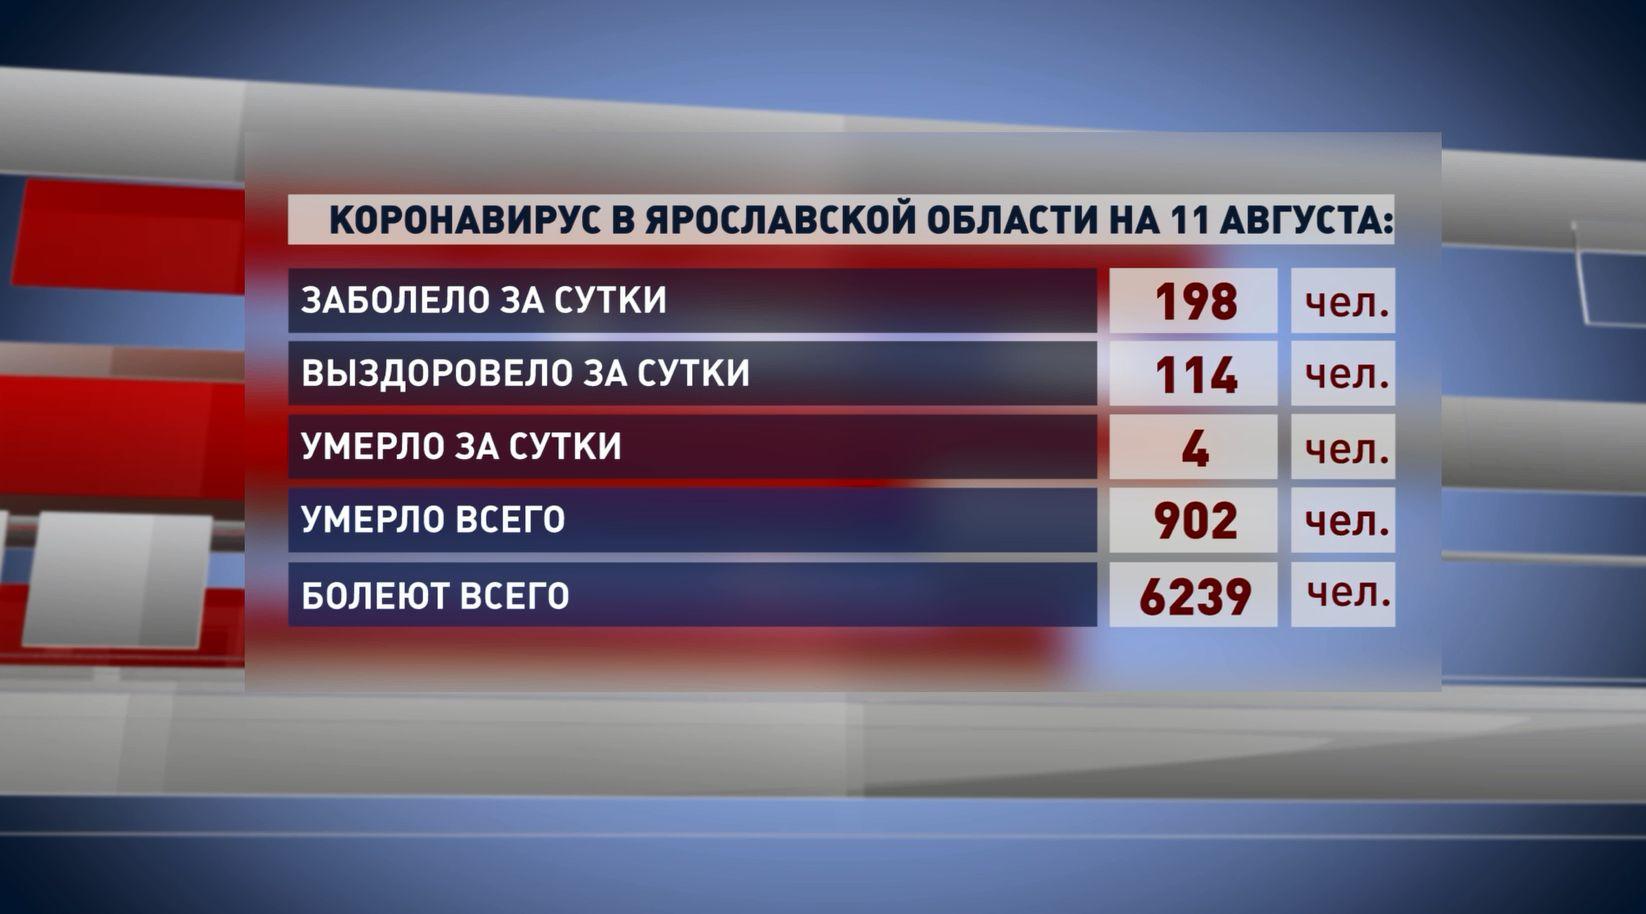 За минувшие сутки от ковид-19 в Ярославской области умерли 4 человека